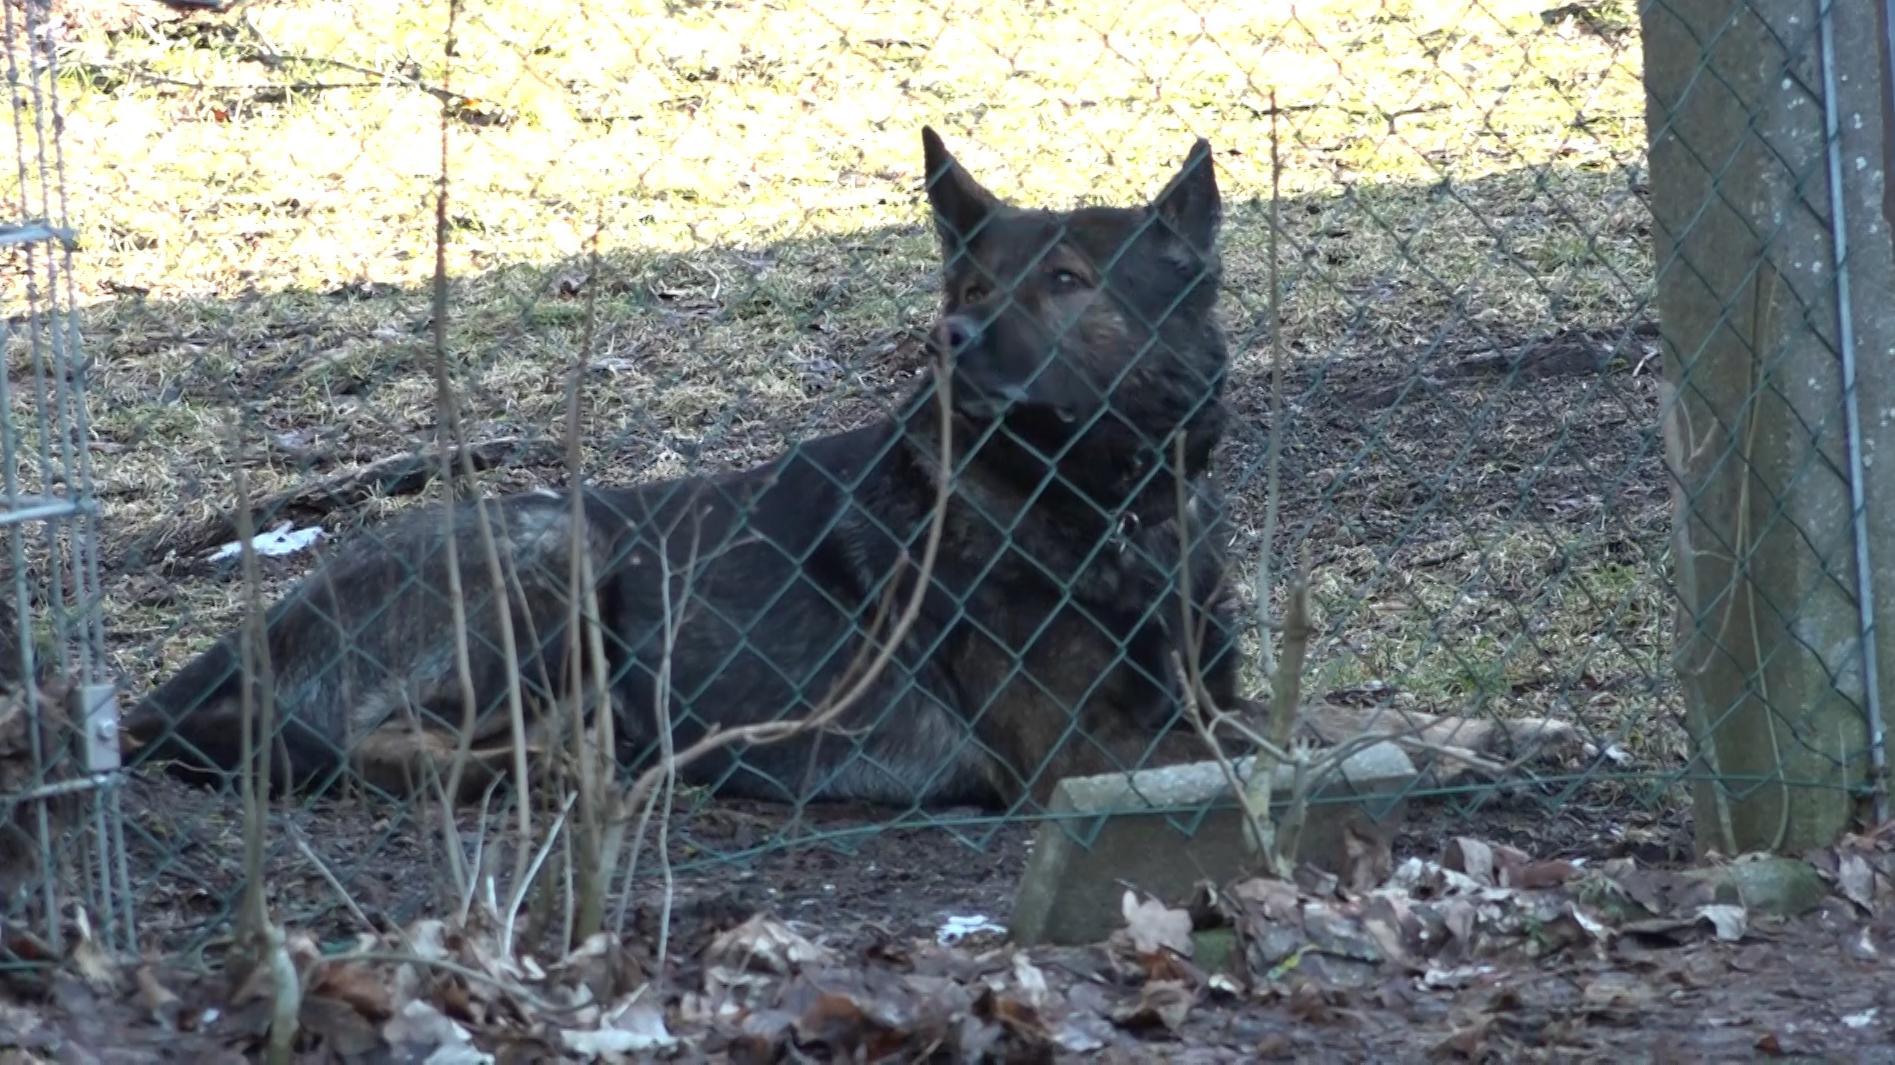 Auf dem Bild zu sehen ist einer der Schäferhunde hinter einem Zaun. Alle drei Schäferhunde konnte die Polizei einfangen.